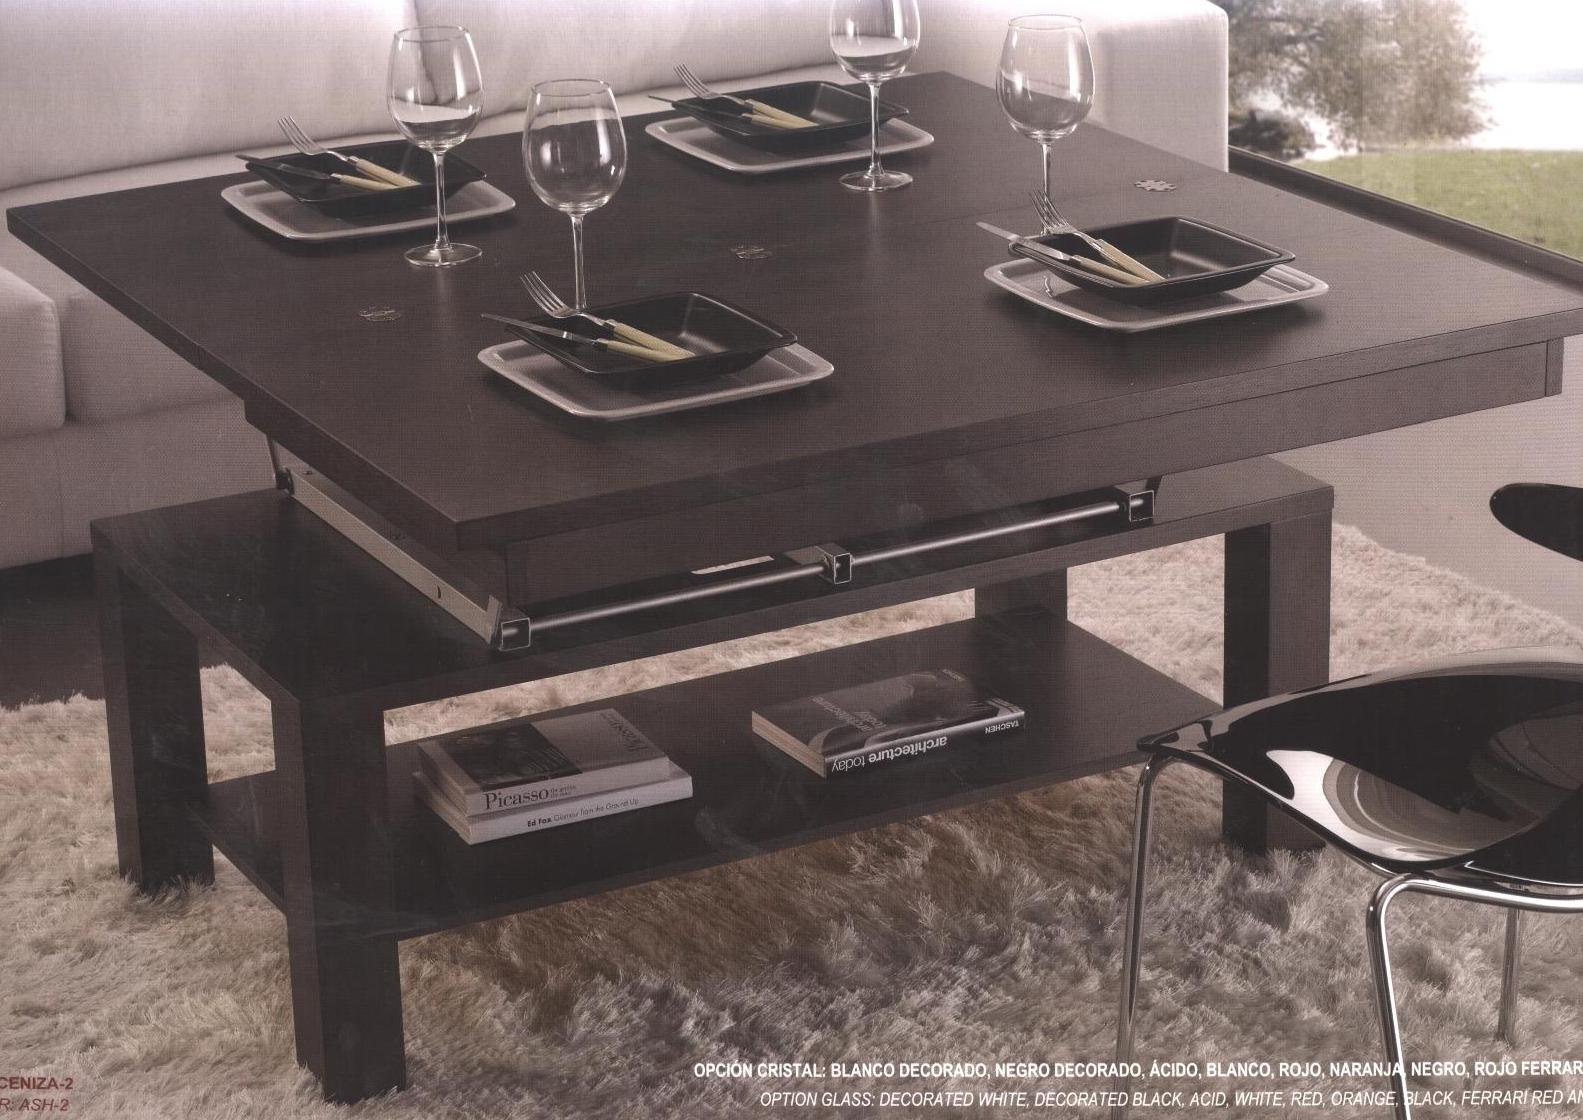 Mesa de centro convertible en mesa de comedor merino zaidin for Mesas de centro comedor